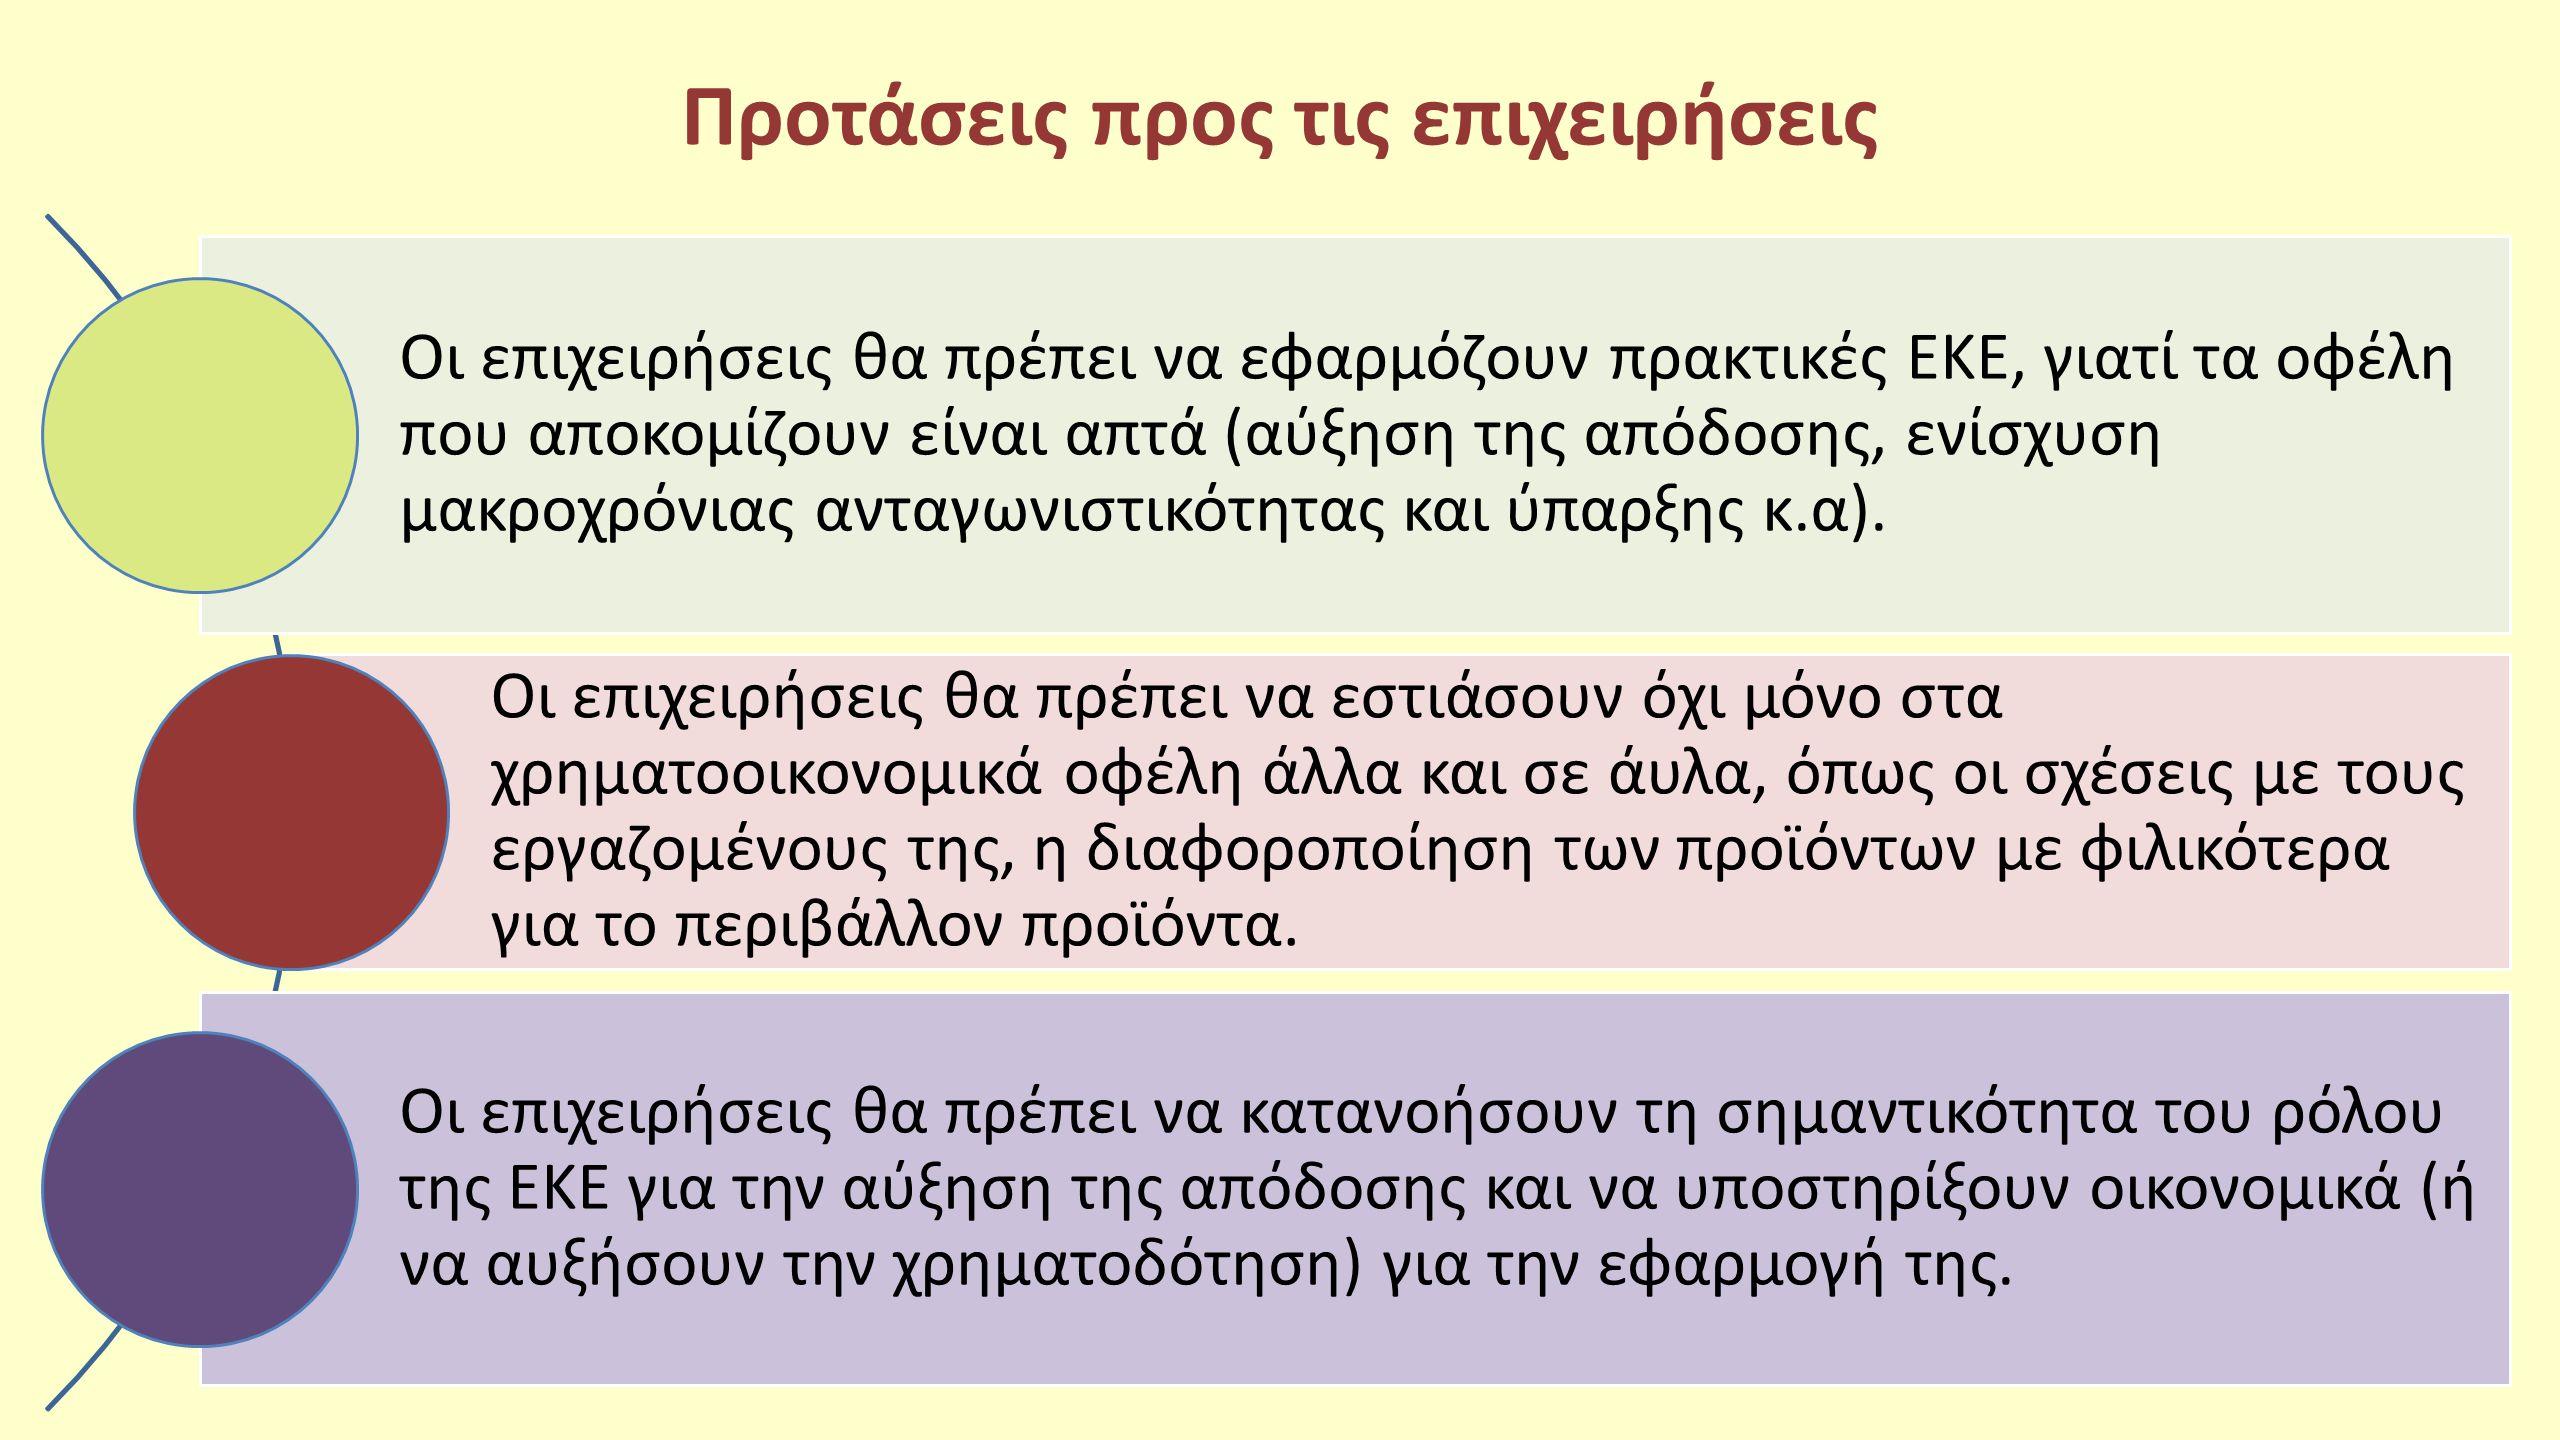 Προτάσεις προς τις επιχειρήσεις Οι επιχειρήσεις θα πρέπει να εφαρμόζουν πρακτικές ΕΚΕ, γιατί τα οφέλη που αποκομίζουν είναι απτά (αύξηση της απόδοσης,